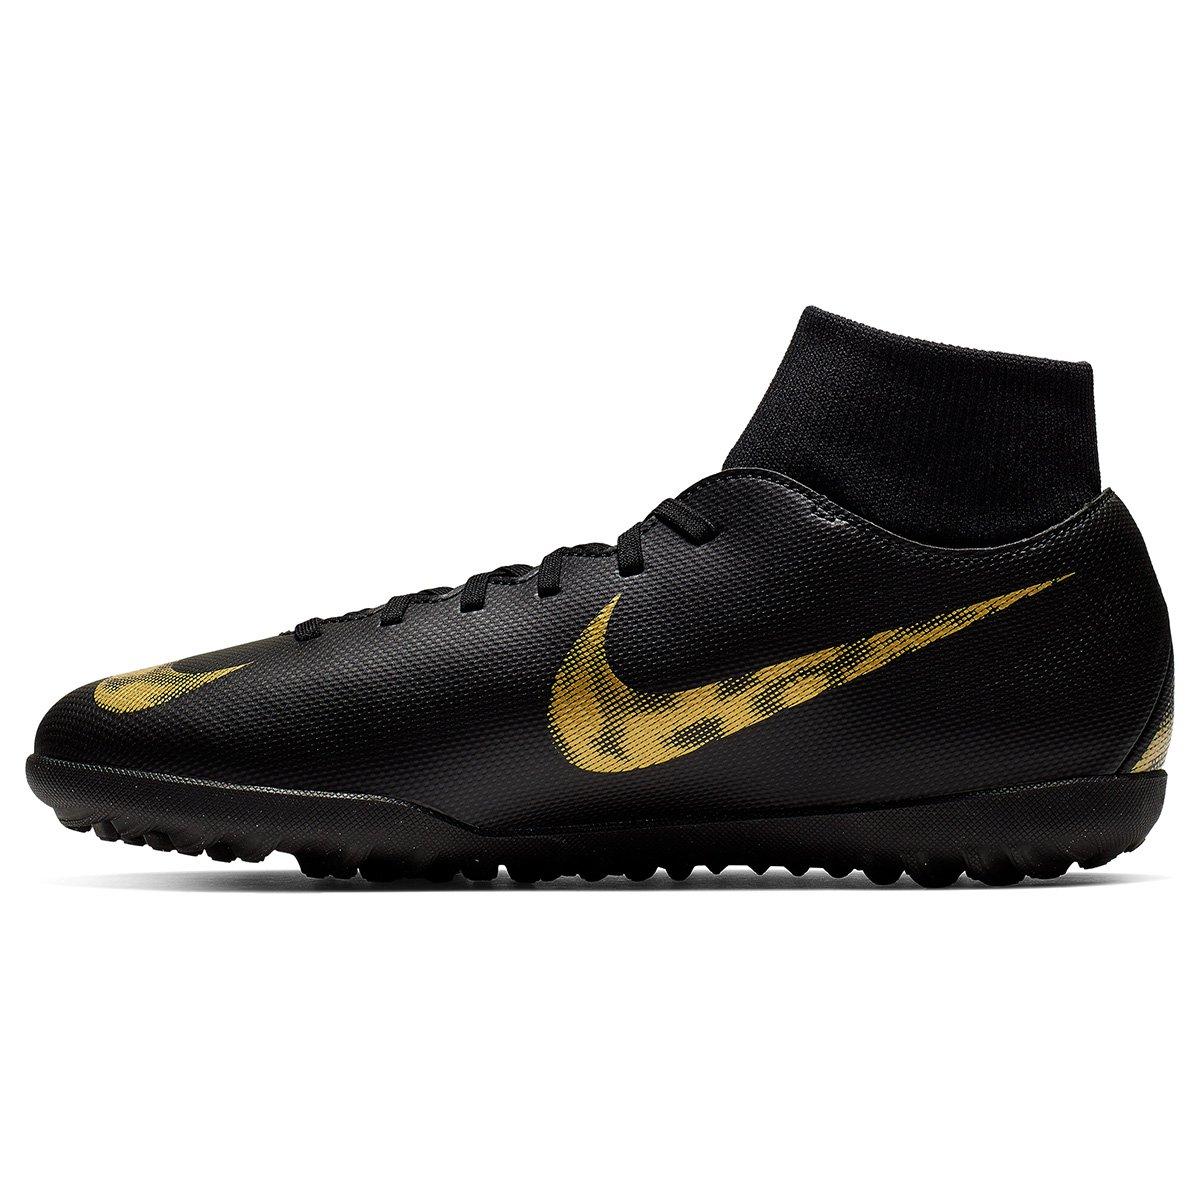 0ab6ae45807 Chuteira Society Nike Mercurial Superfly 6 Club - Preto e Dourado - Compre  Agora